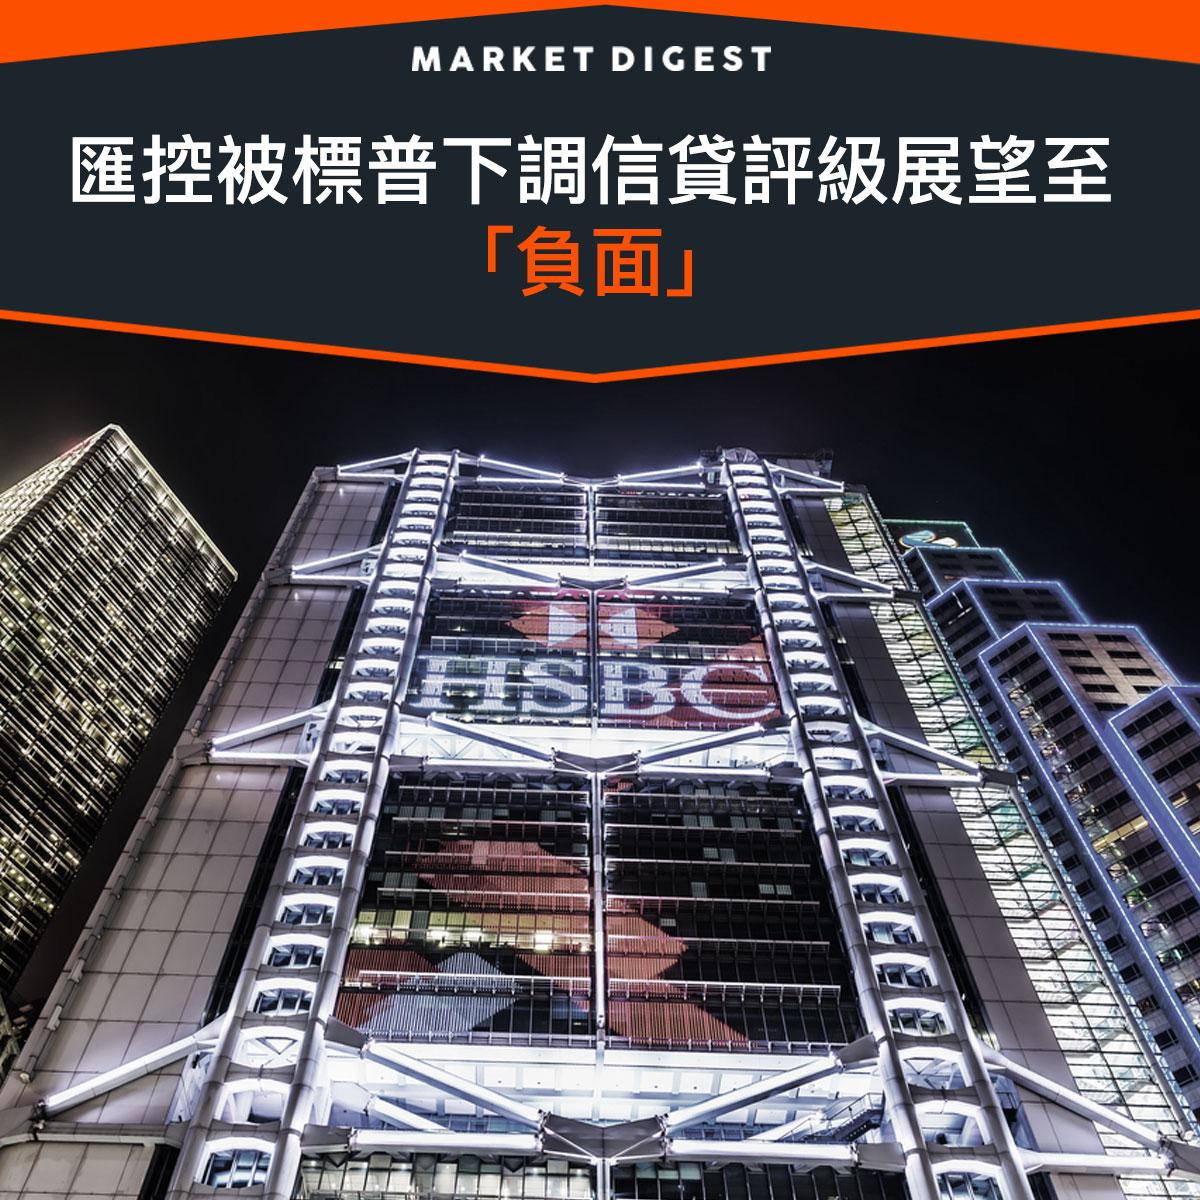 【市場熱話】匯控被標普下調信貸評級展望至 「負面」